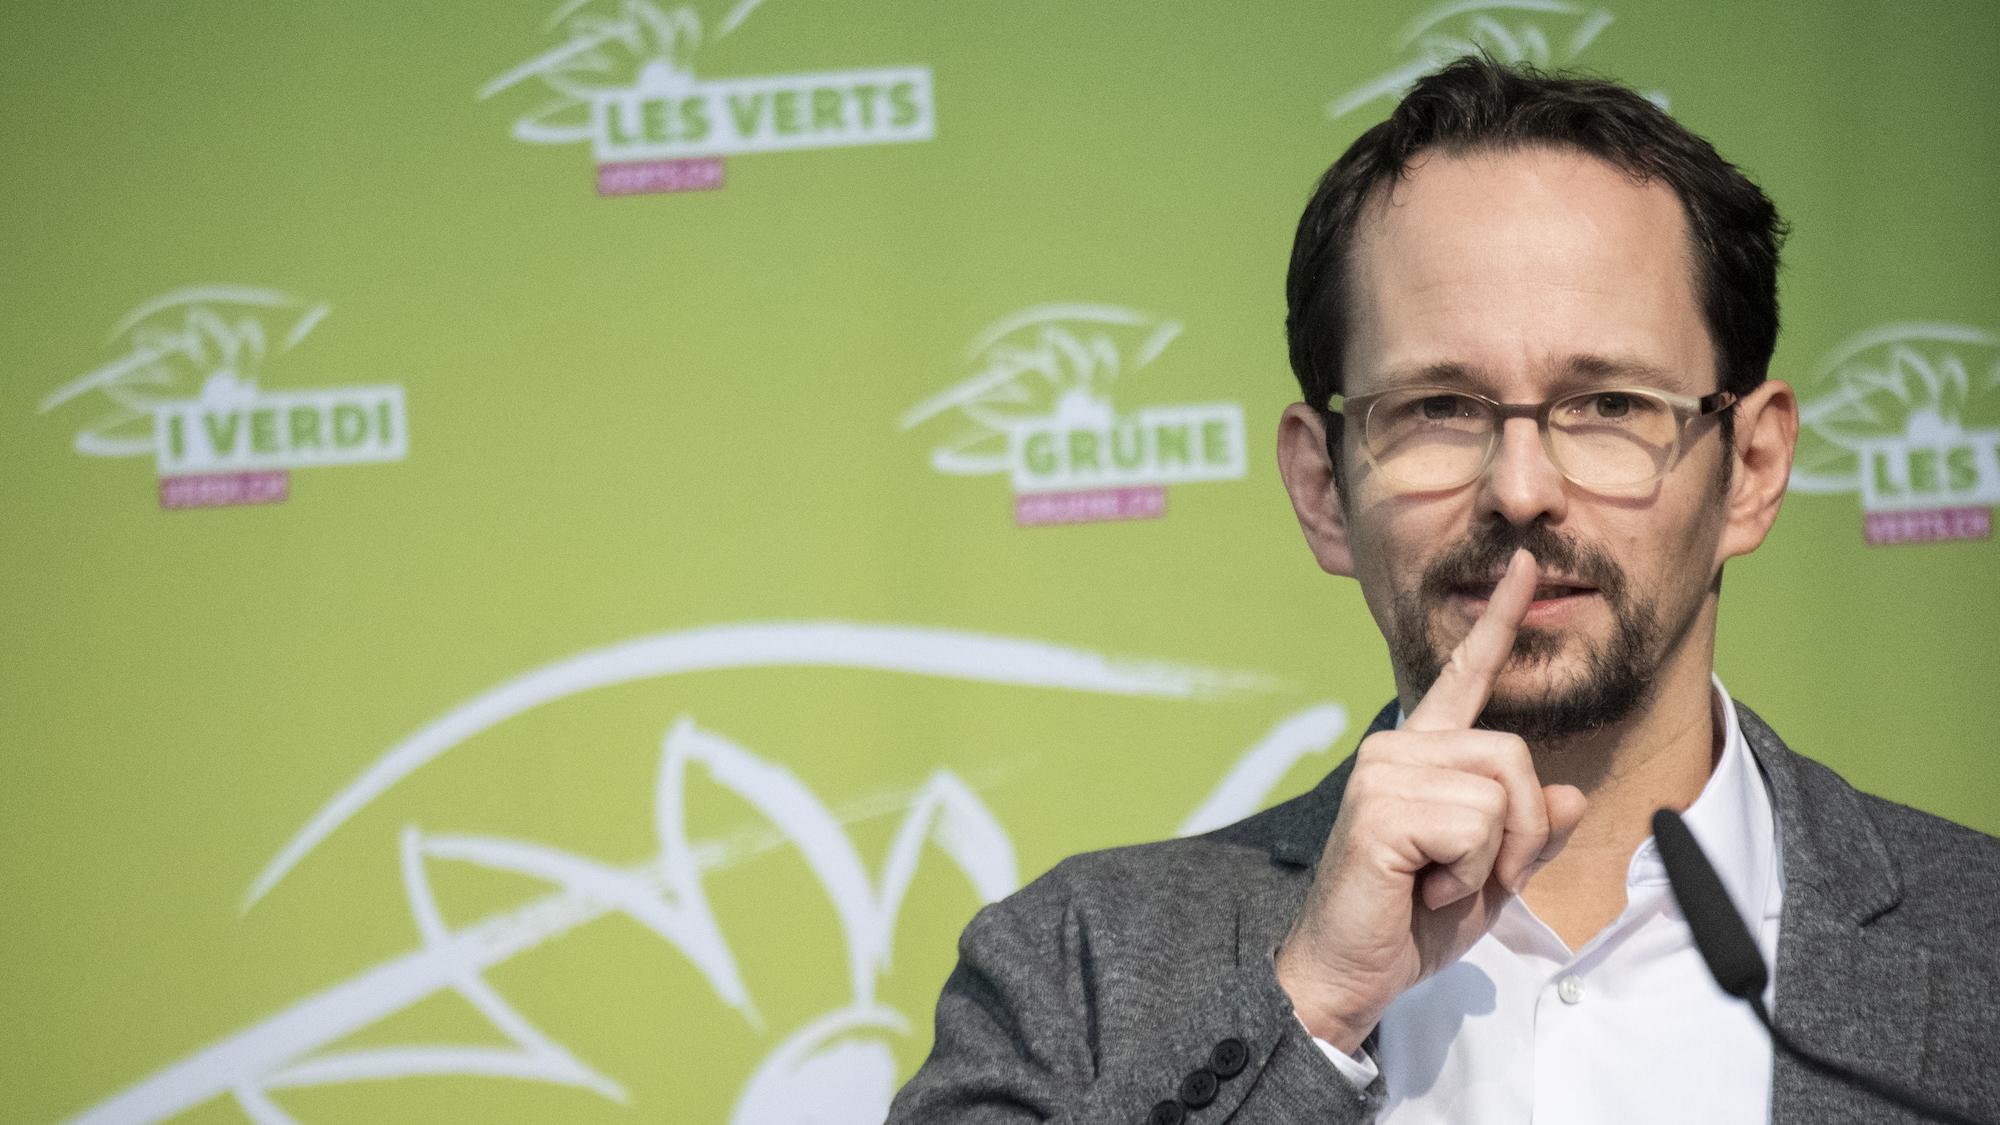 Noch kein Gegenkandidat für Rytz-Nachfolge: Balthasar Glättli bewirbt sich offiziell für Grünen-Präsidium